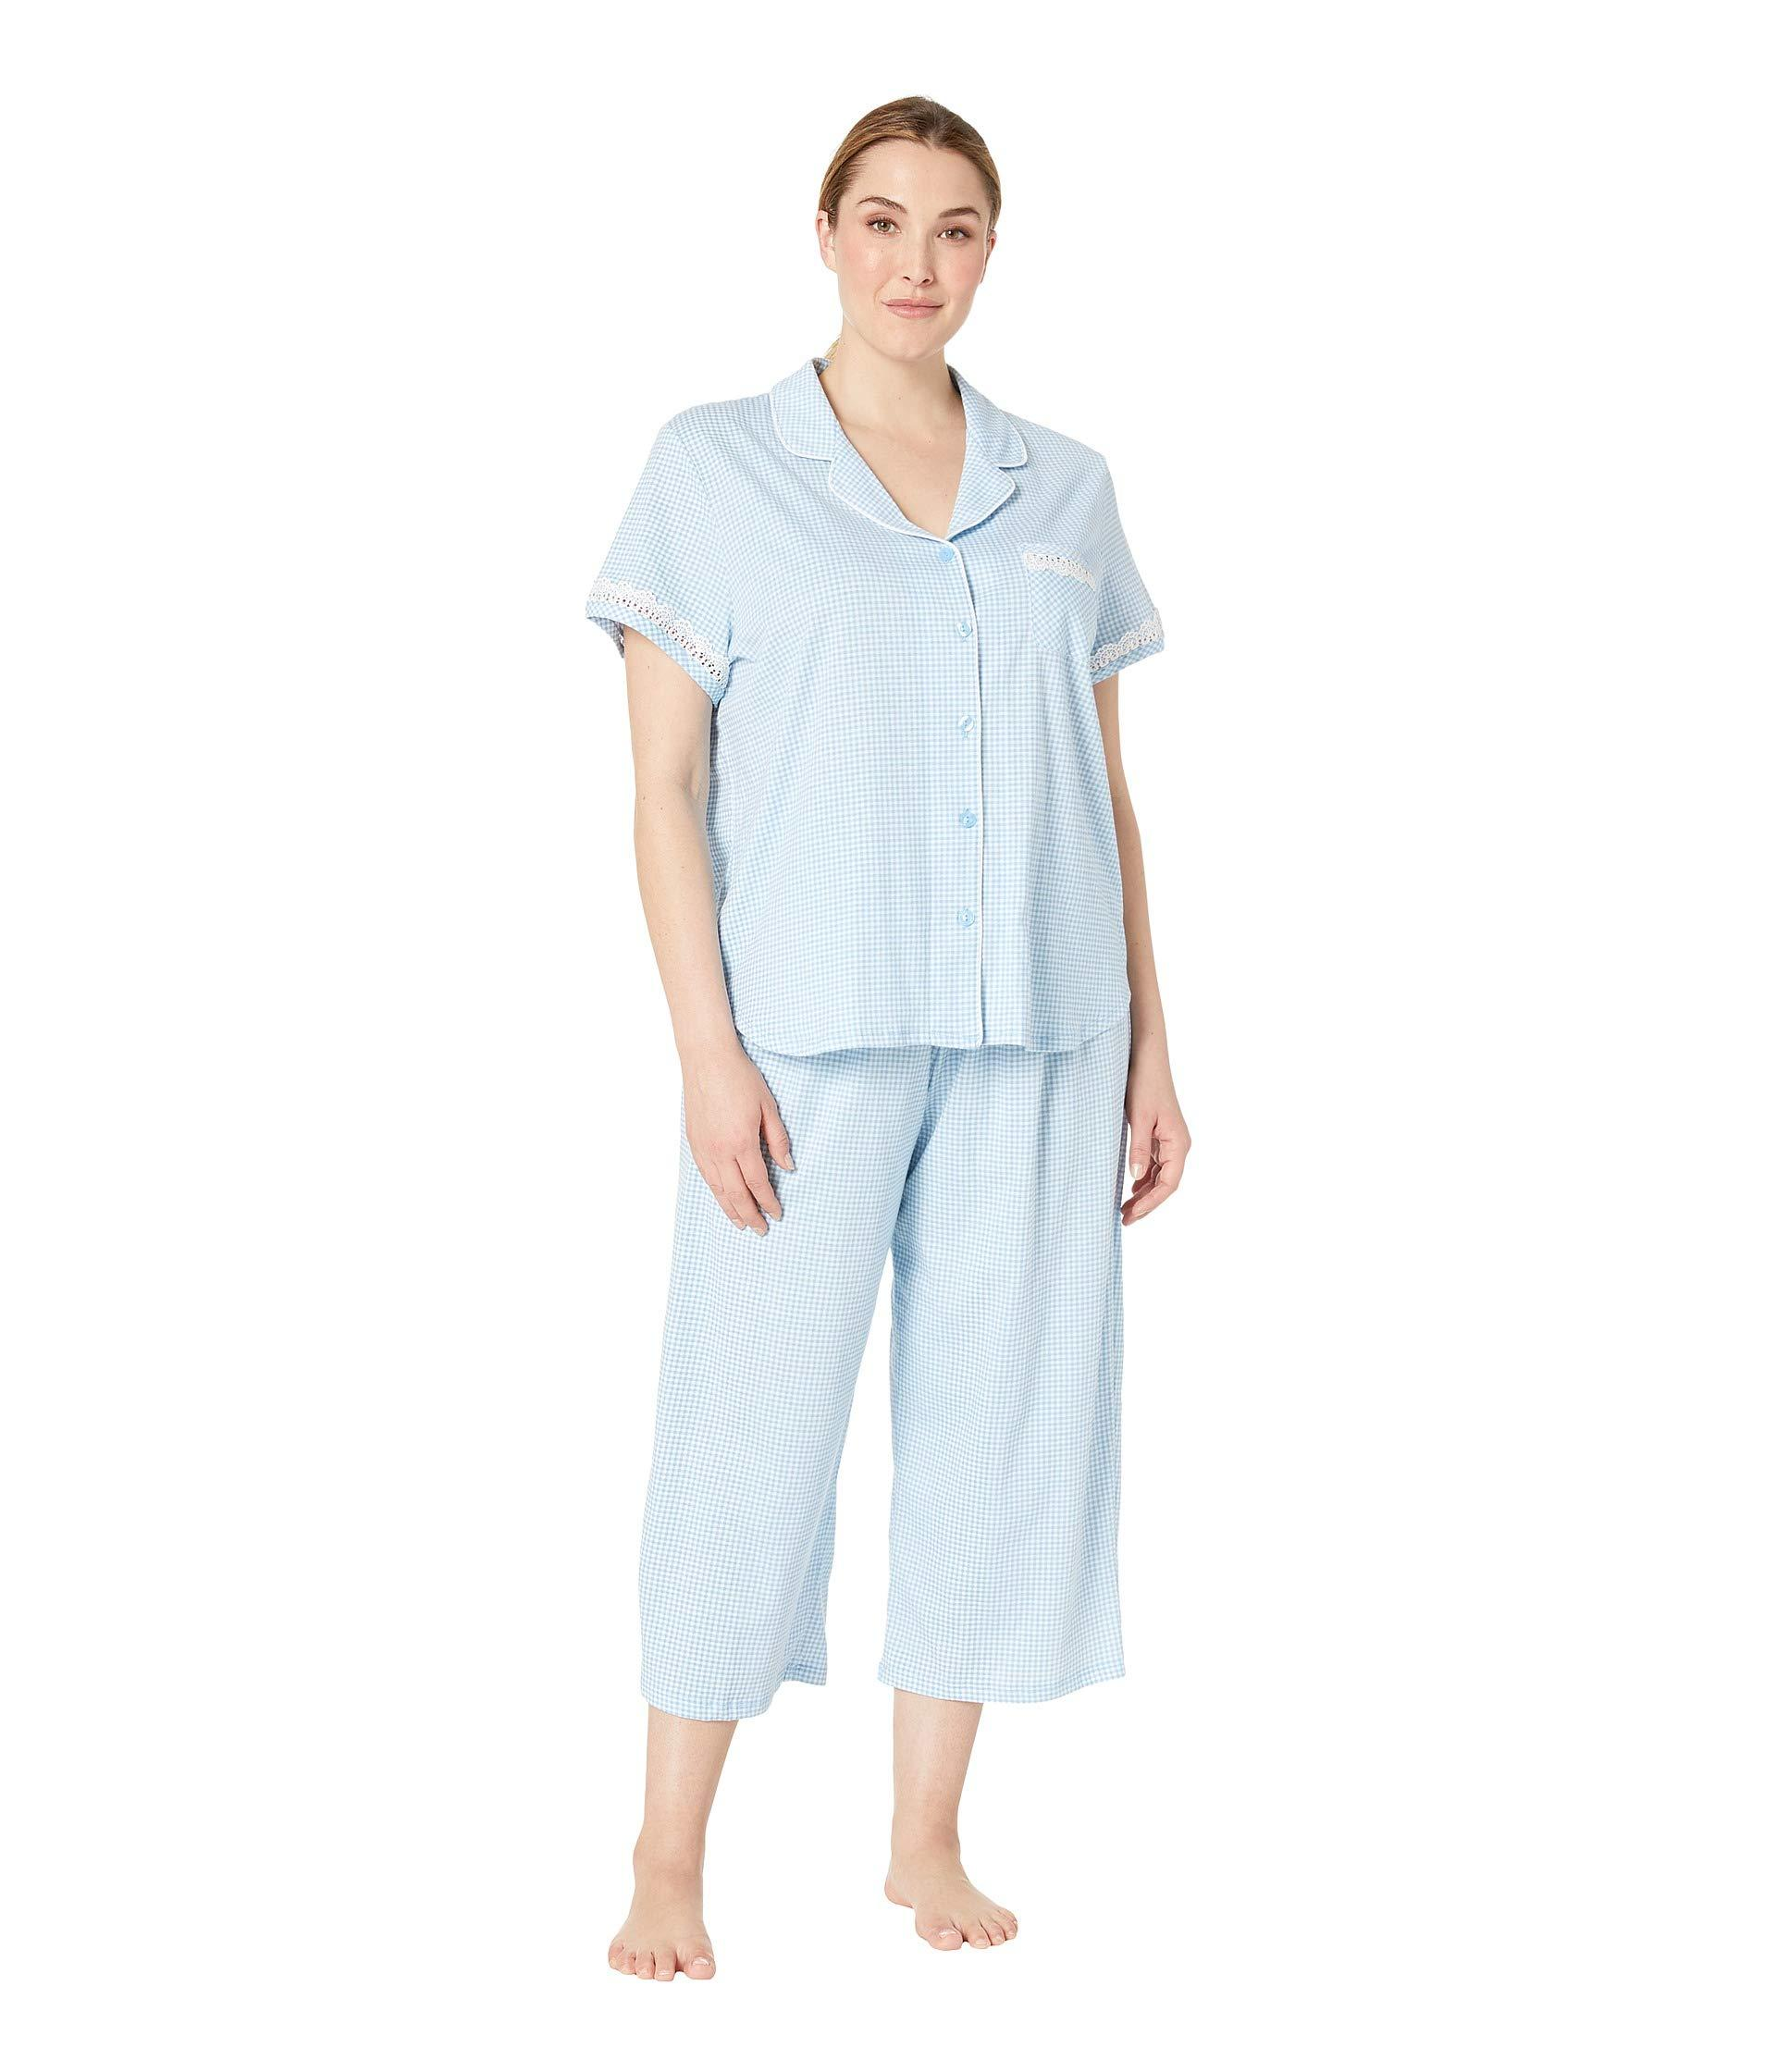 Lyst - Karen Neuburger Plus Size Dreamer Short Sleeve Girlfriend ... a1e2d4ec5